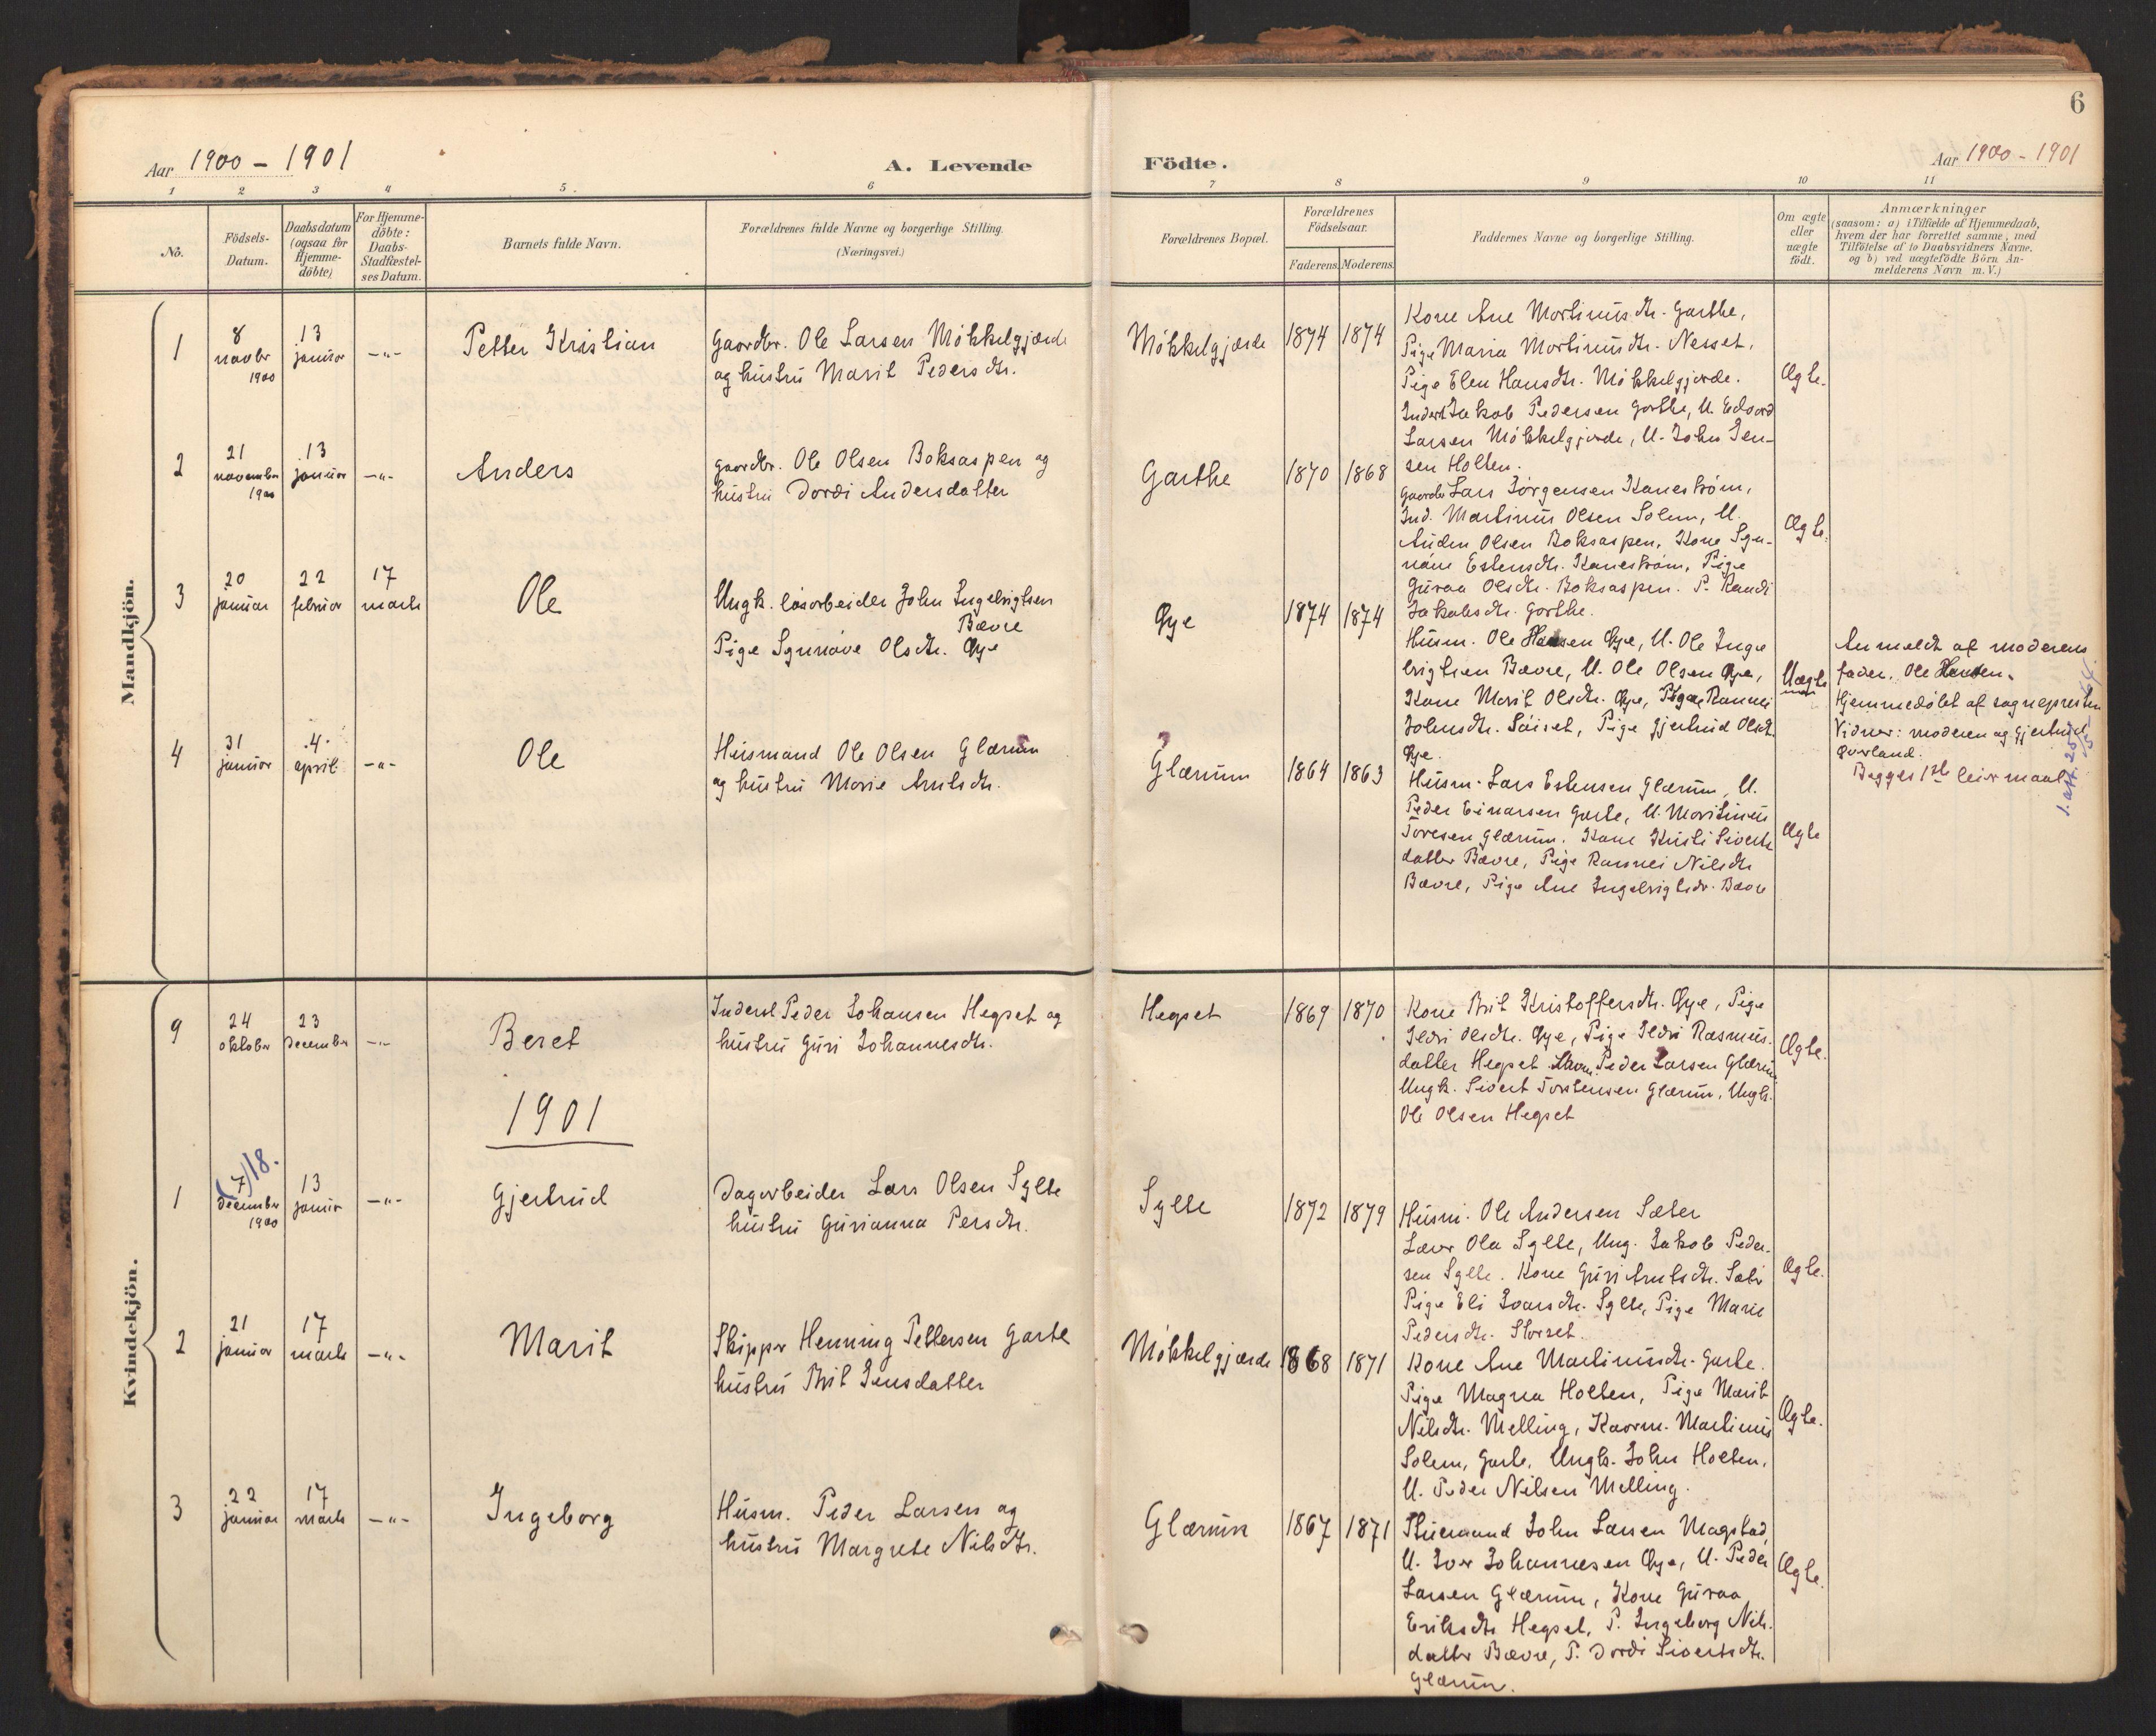 SAT, Ministerialprotokoller, klokkerbøker og fødselsregistre - Møre og Romsdal, 595/L1048: Ministerialbok nr. 595A10, 1900-1917, s. 6